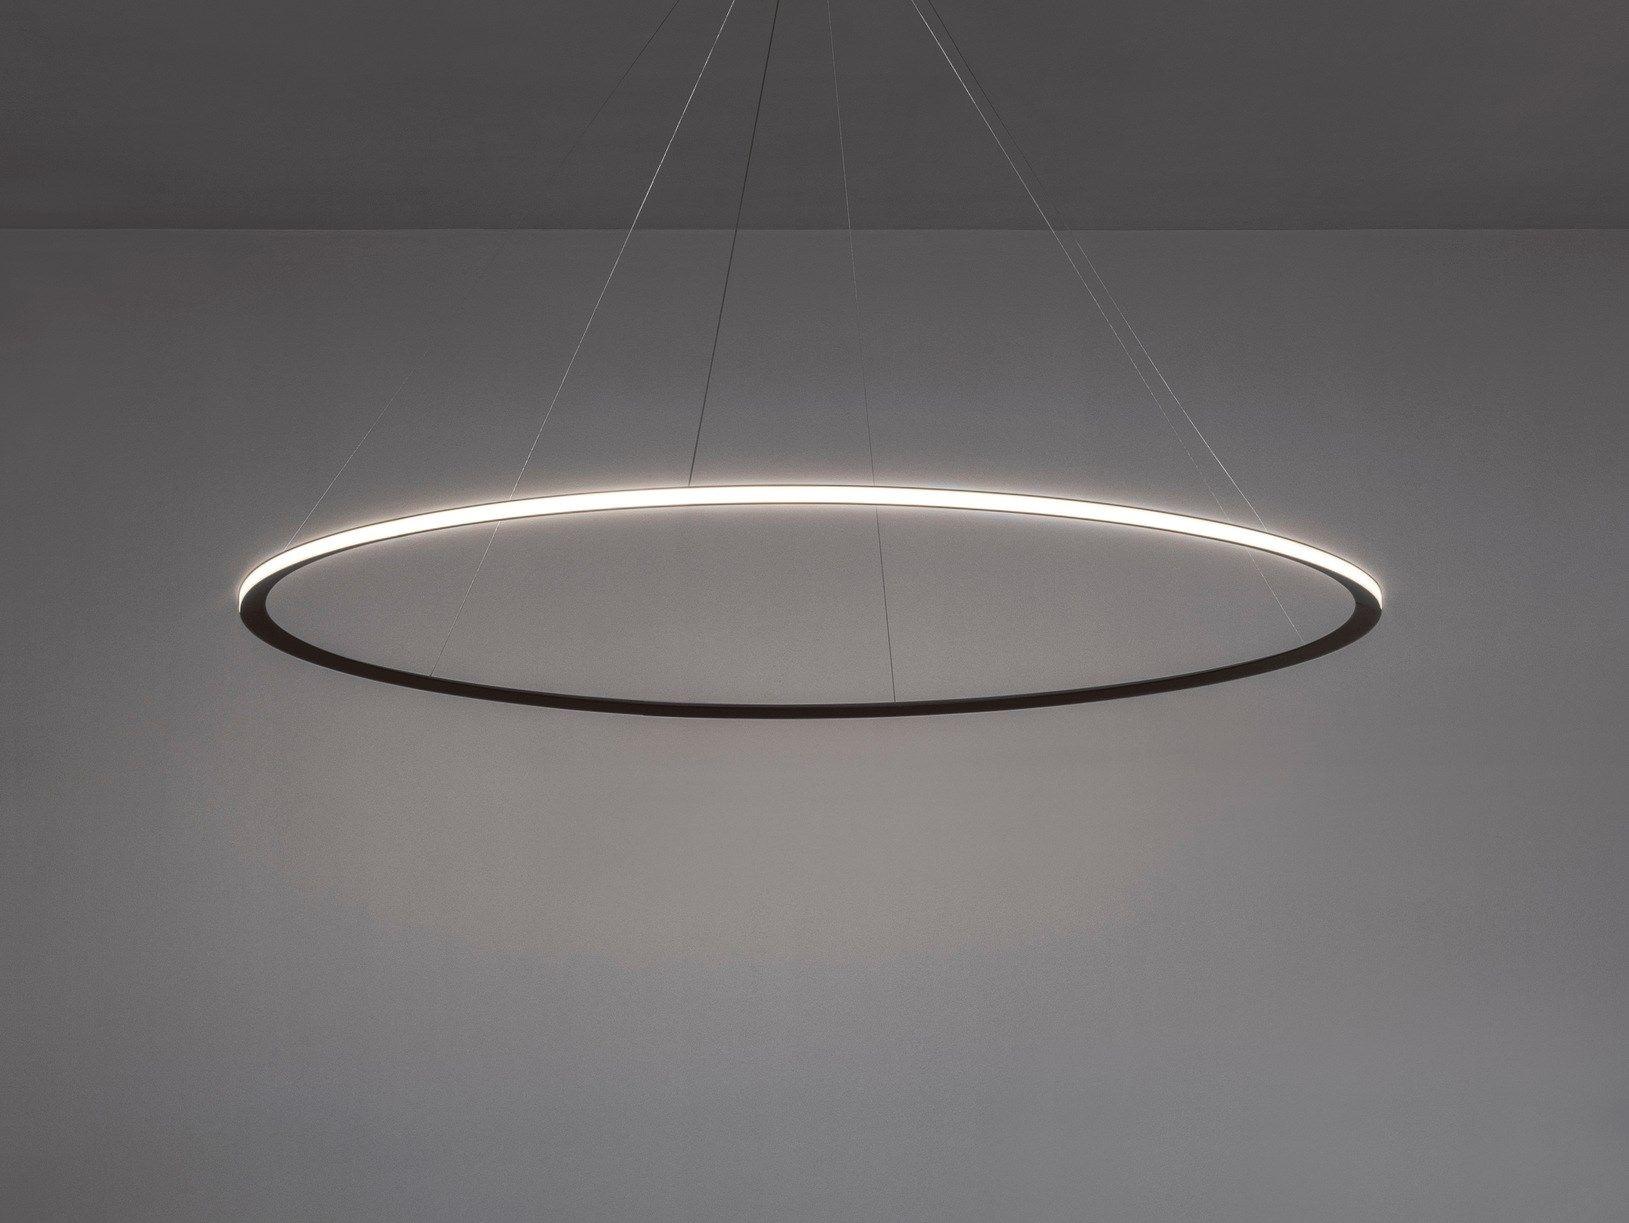 Lampade A Sospensione Design : Lampada a sospensione a led a luce indiretta in alluminio estruso